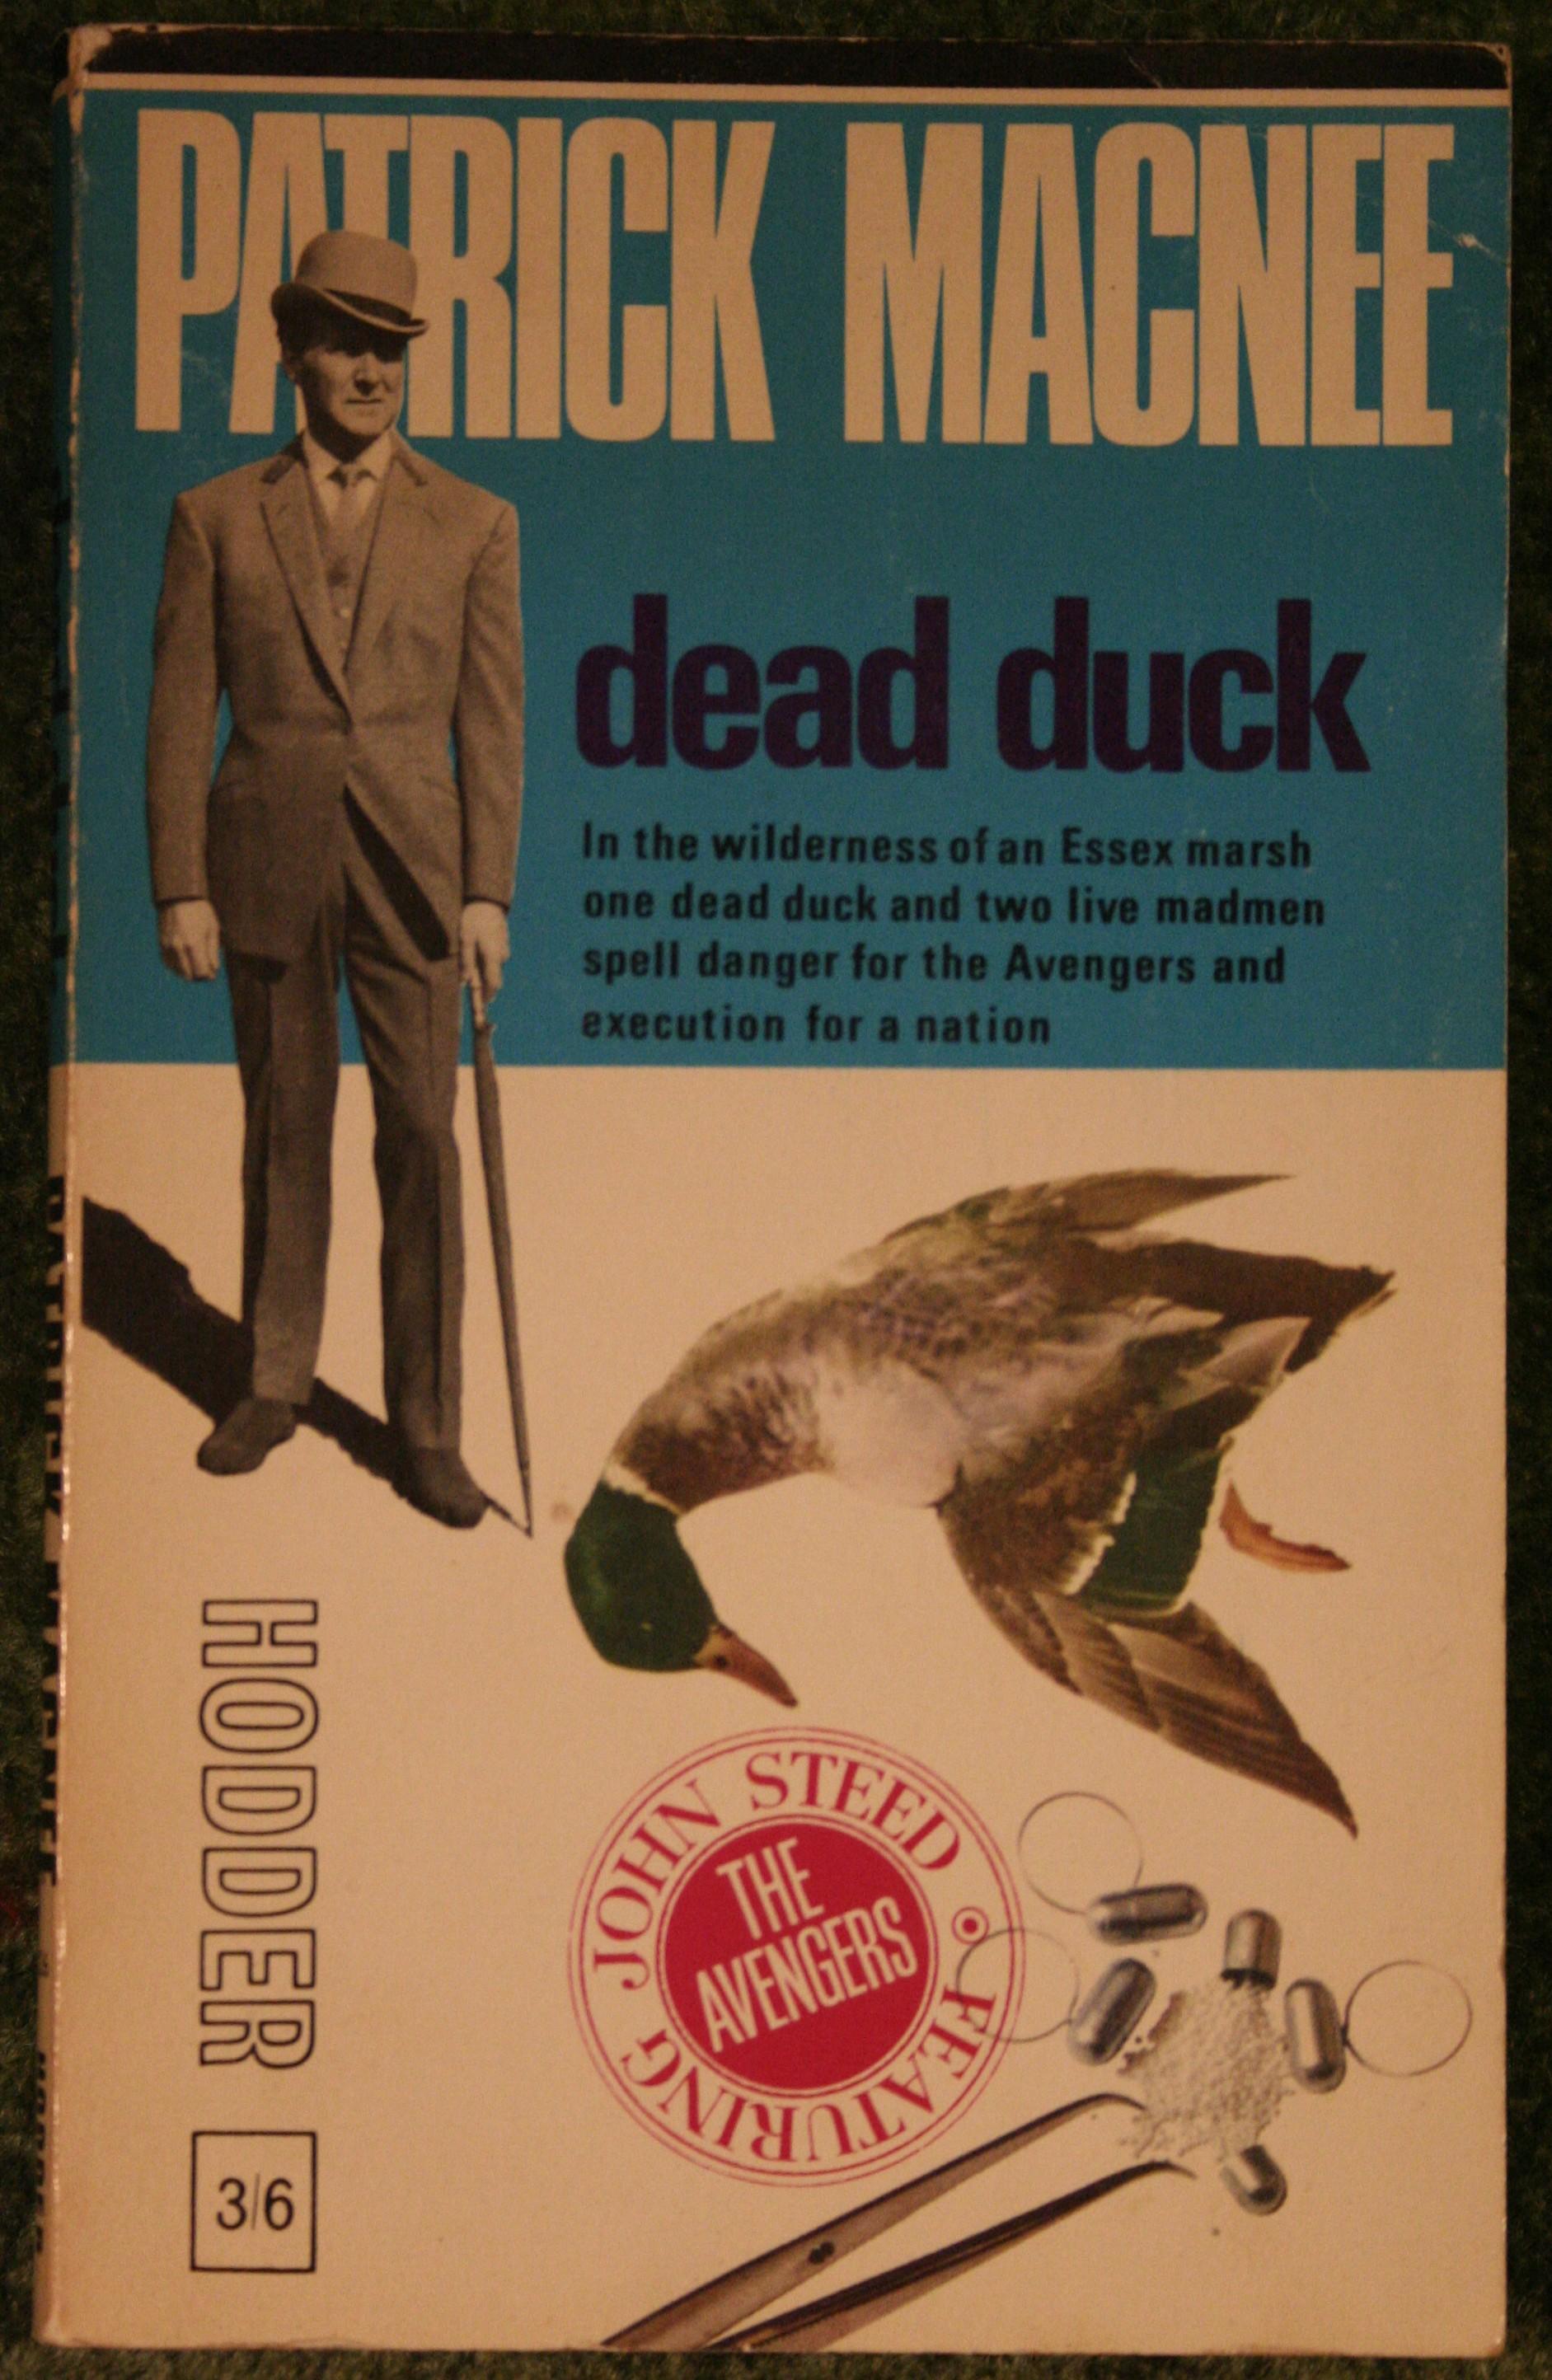 The Avengers  U2013 Dead Duck By Patrick Macnee  U0026 Peter Leslie